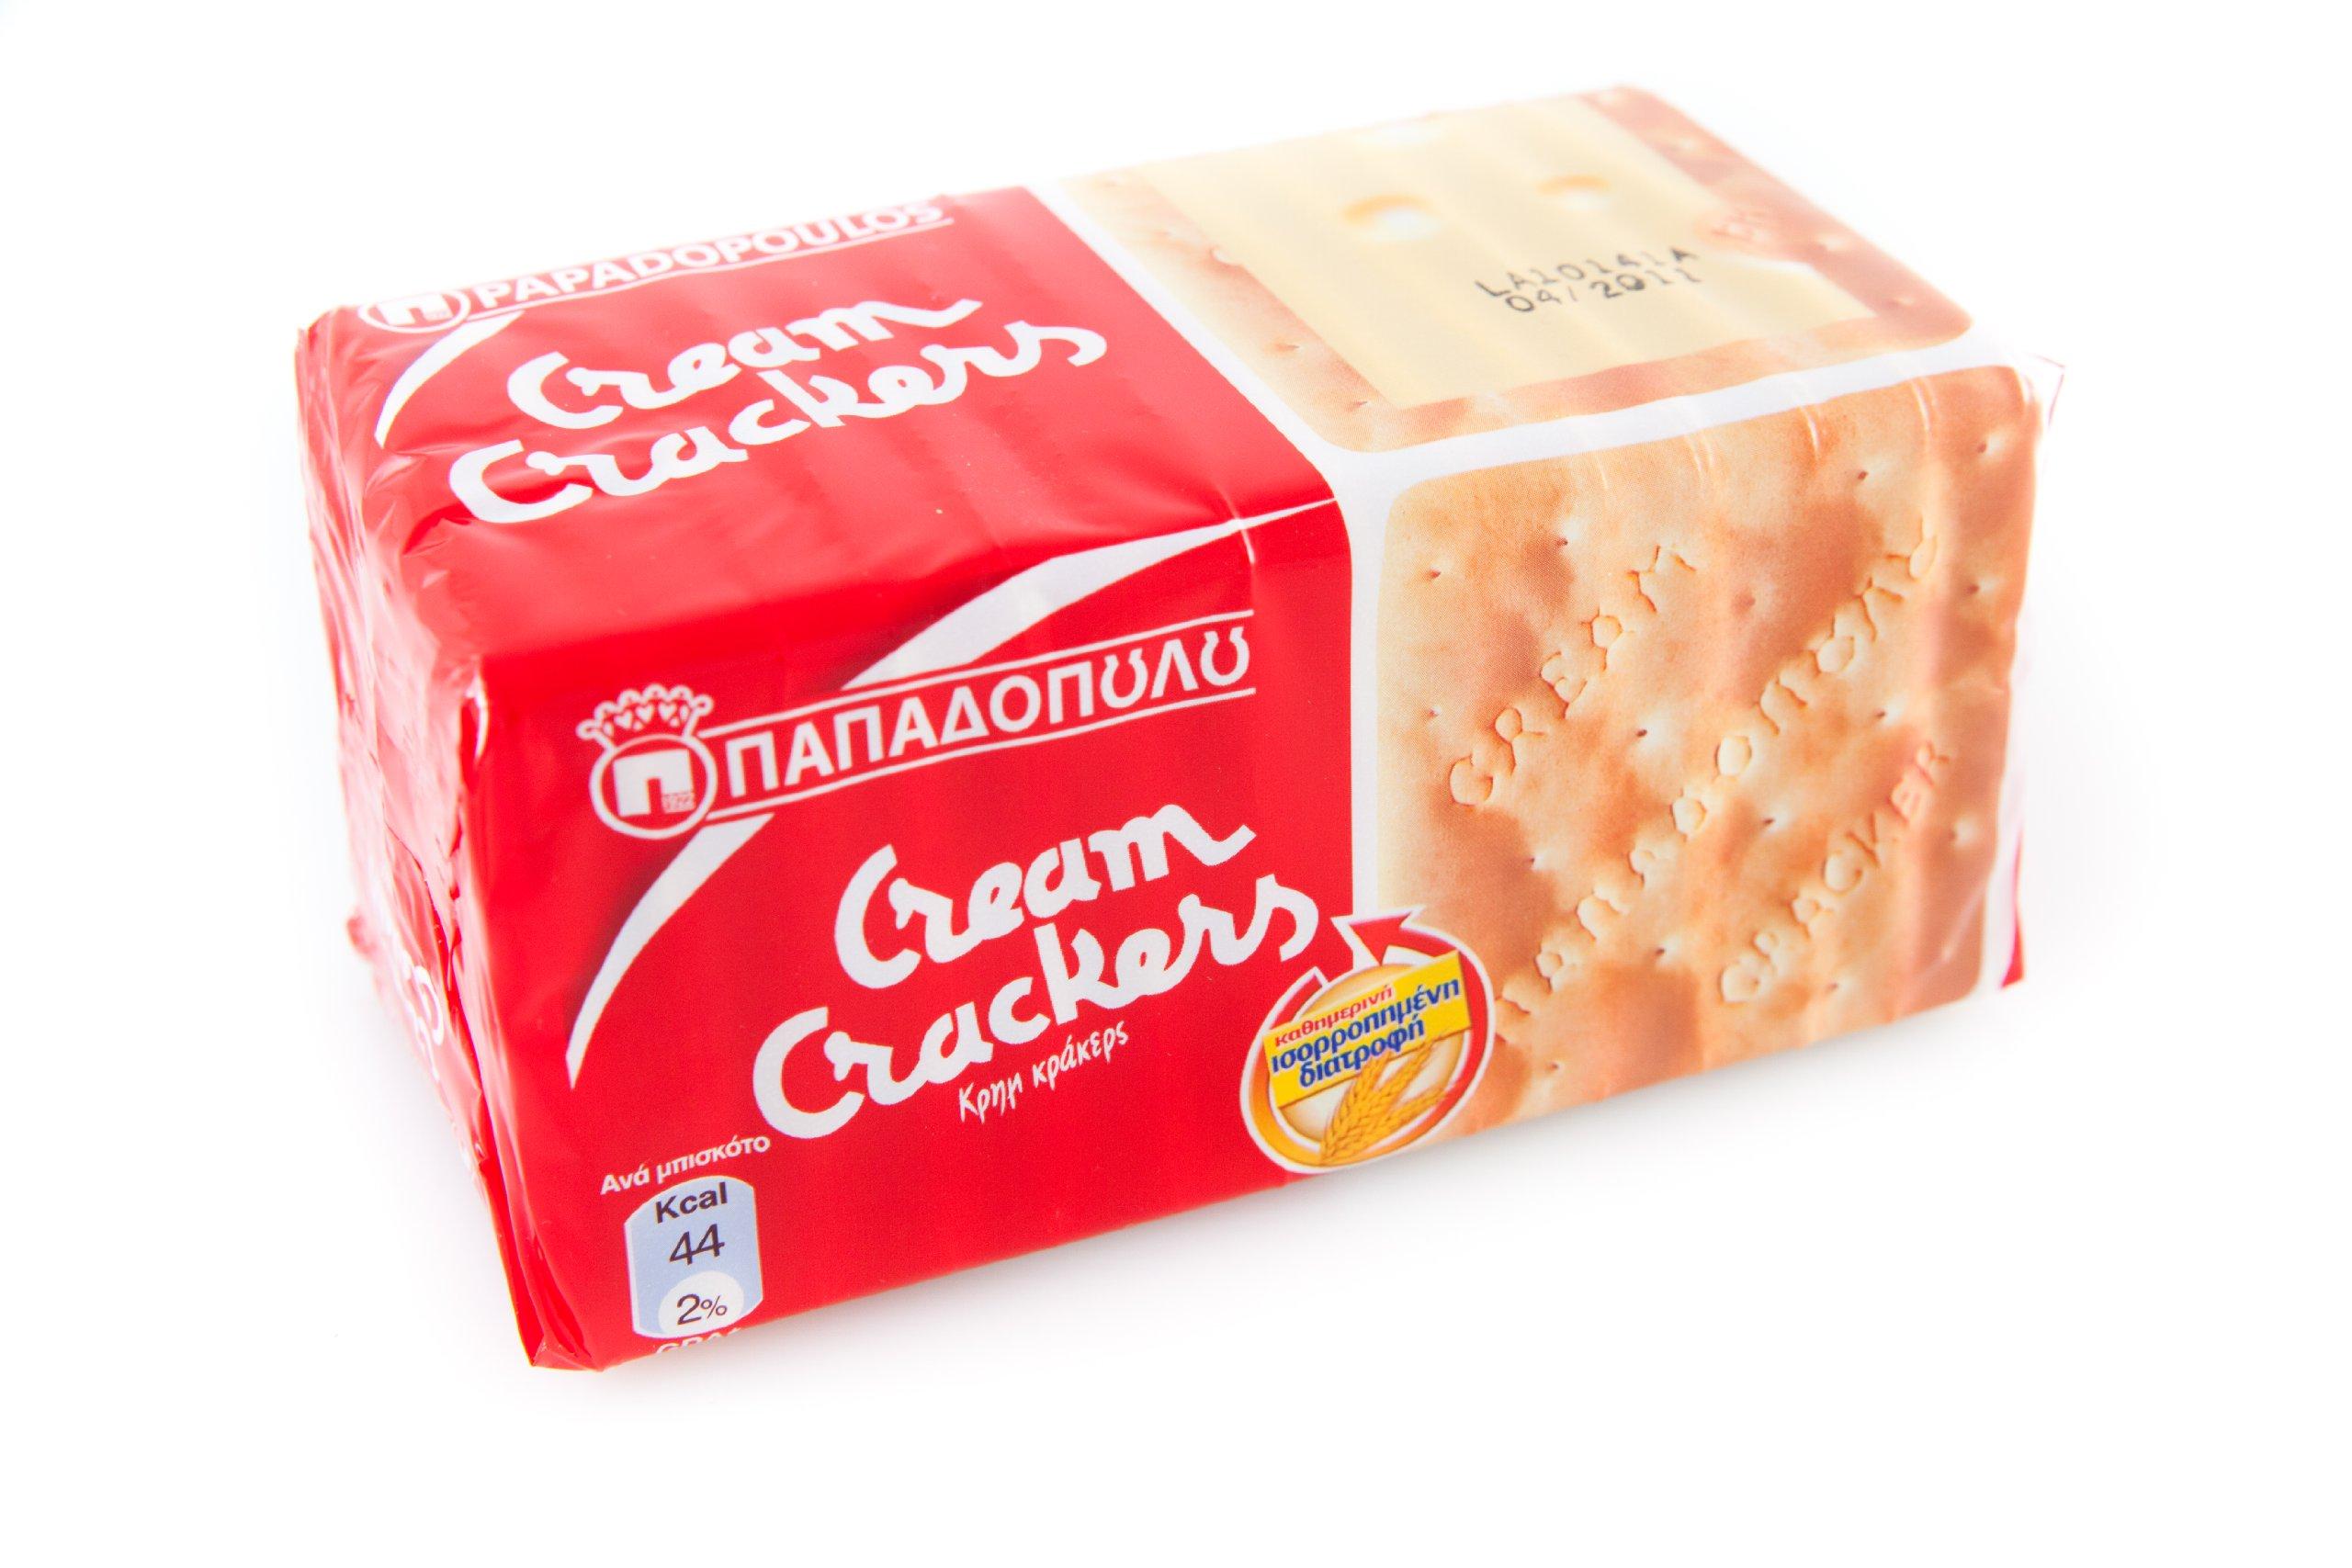 Papadopoulos Cream Crackers